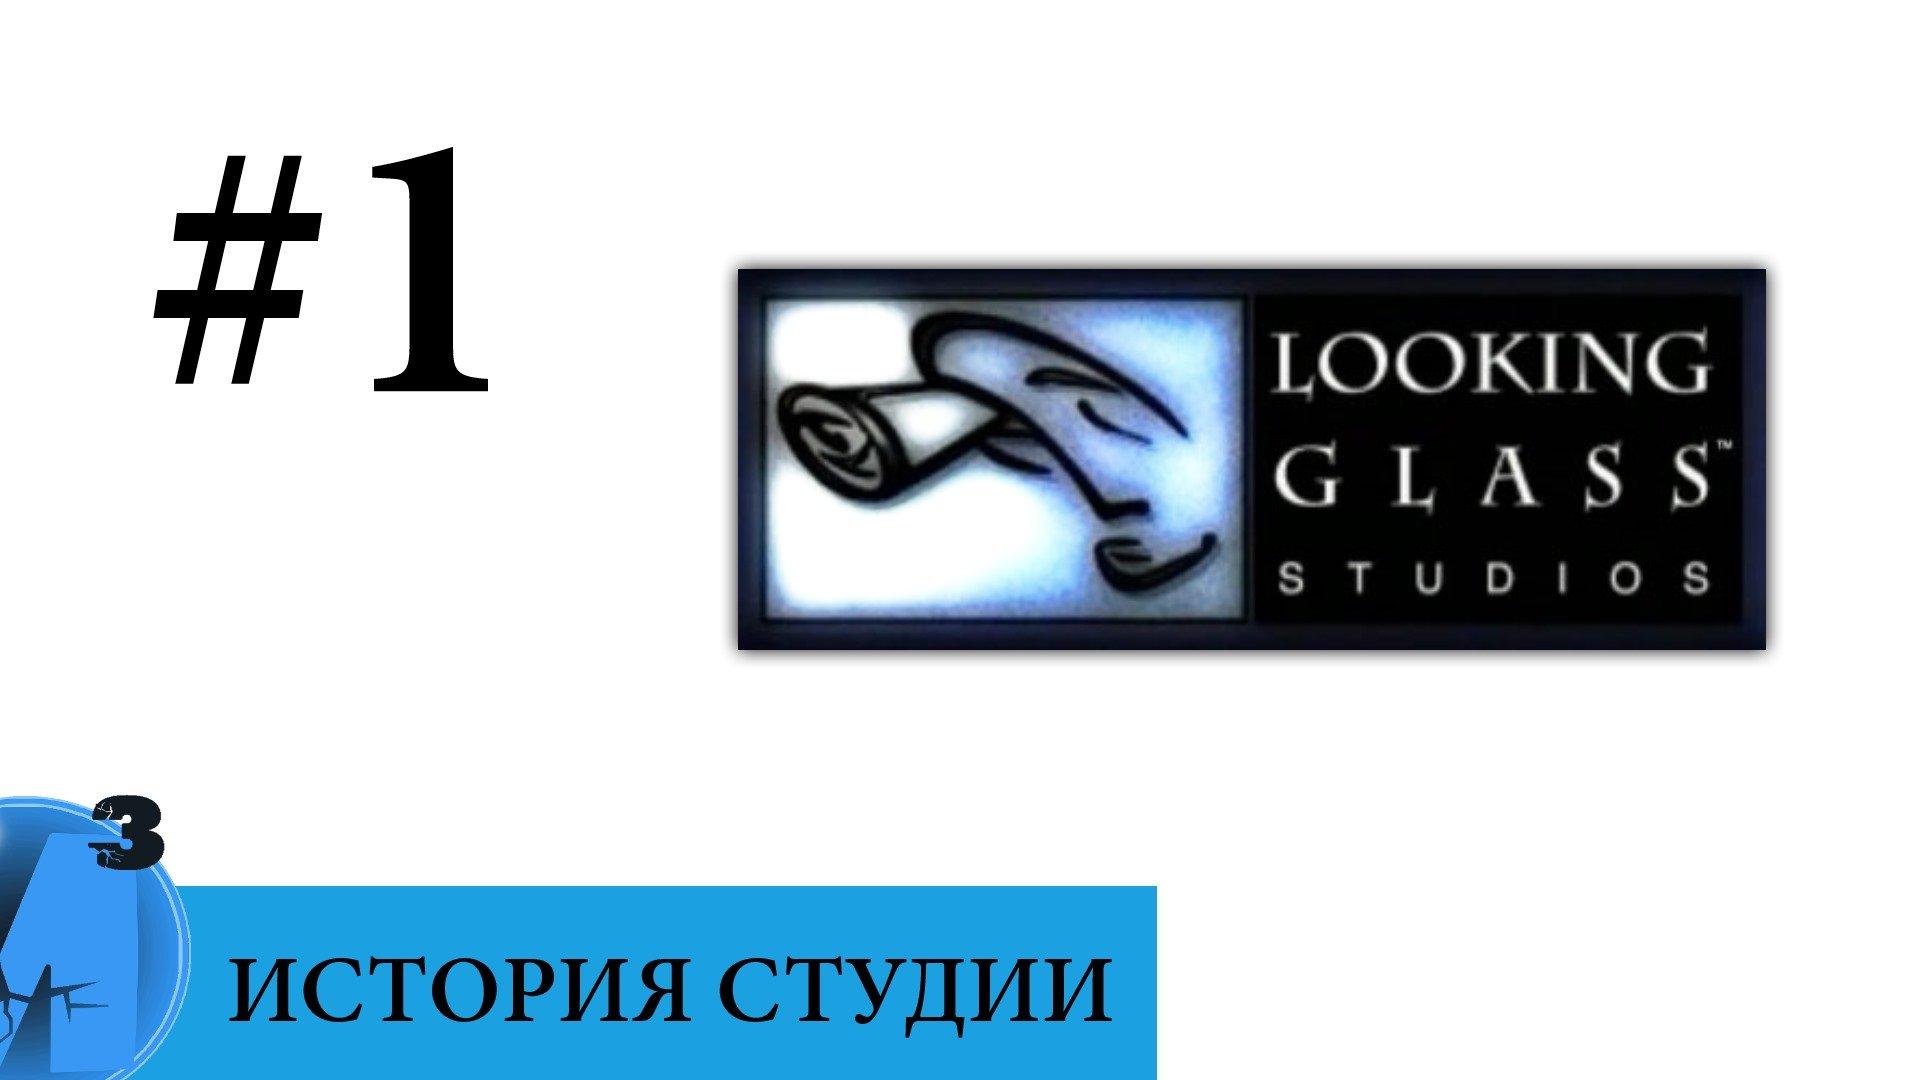 ИИИ - Looking Glass Studio (часть 1). 1990 - 1997 - Изображение 1